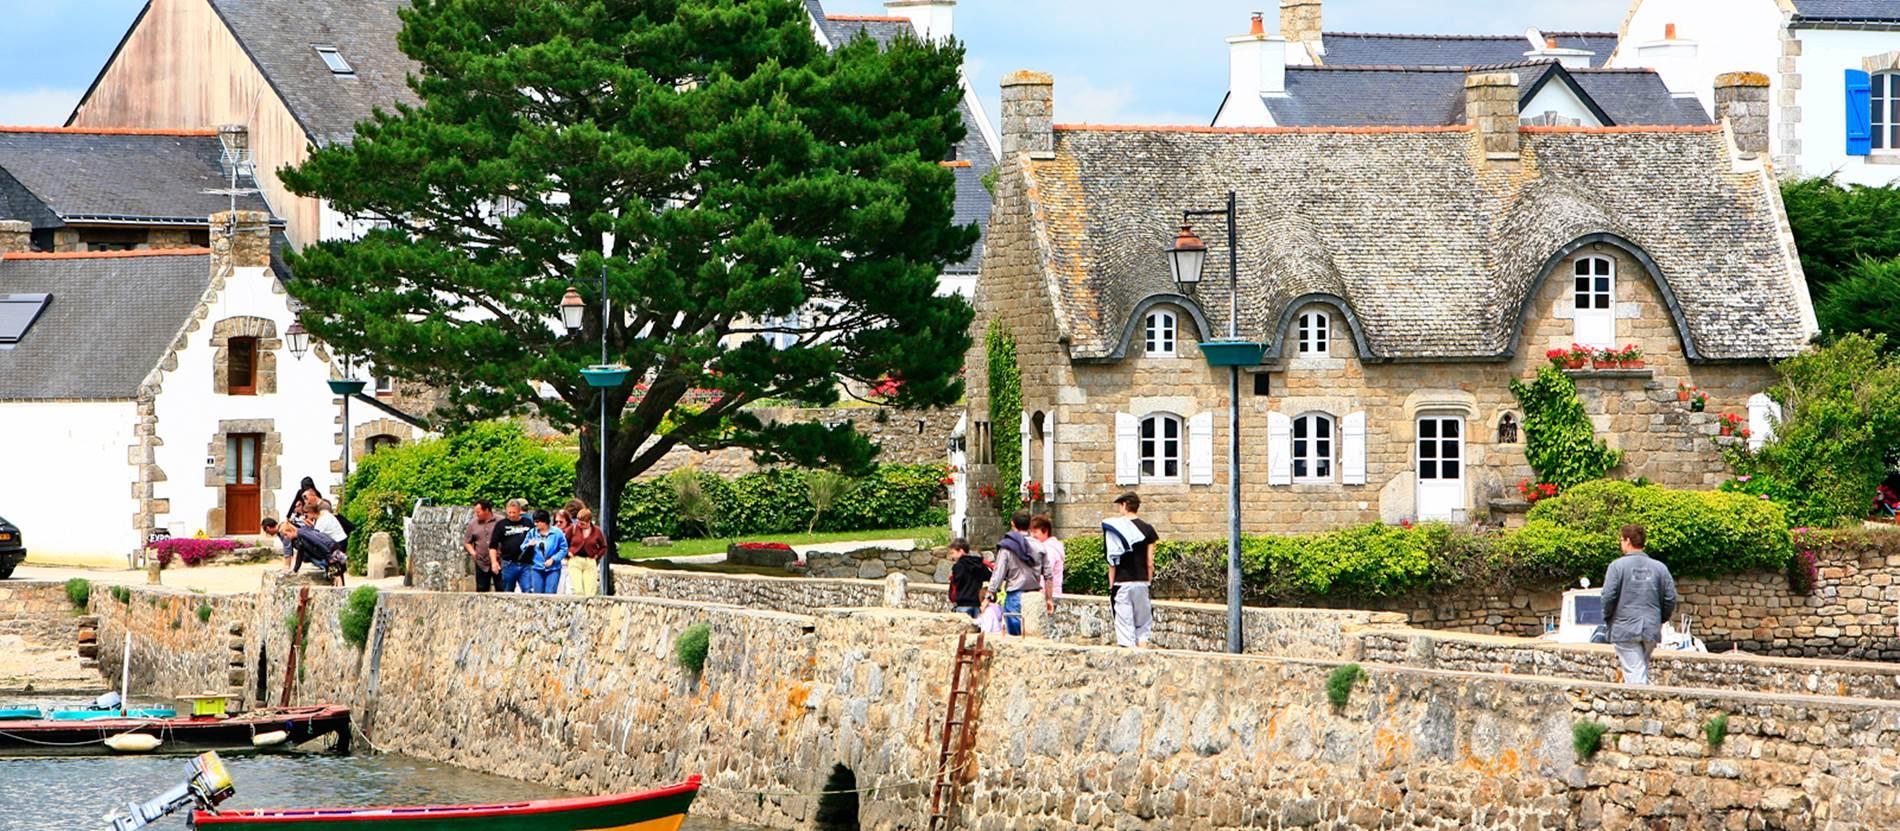 Morbihan tourisme - M. Schaffner - St Cado © Morbihan tourisme - M. Schaffner - St Cado